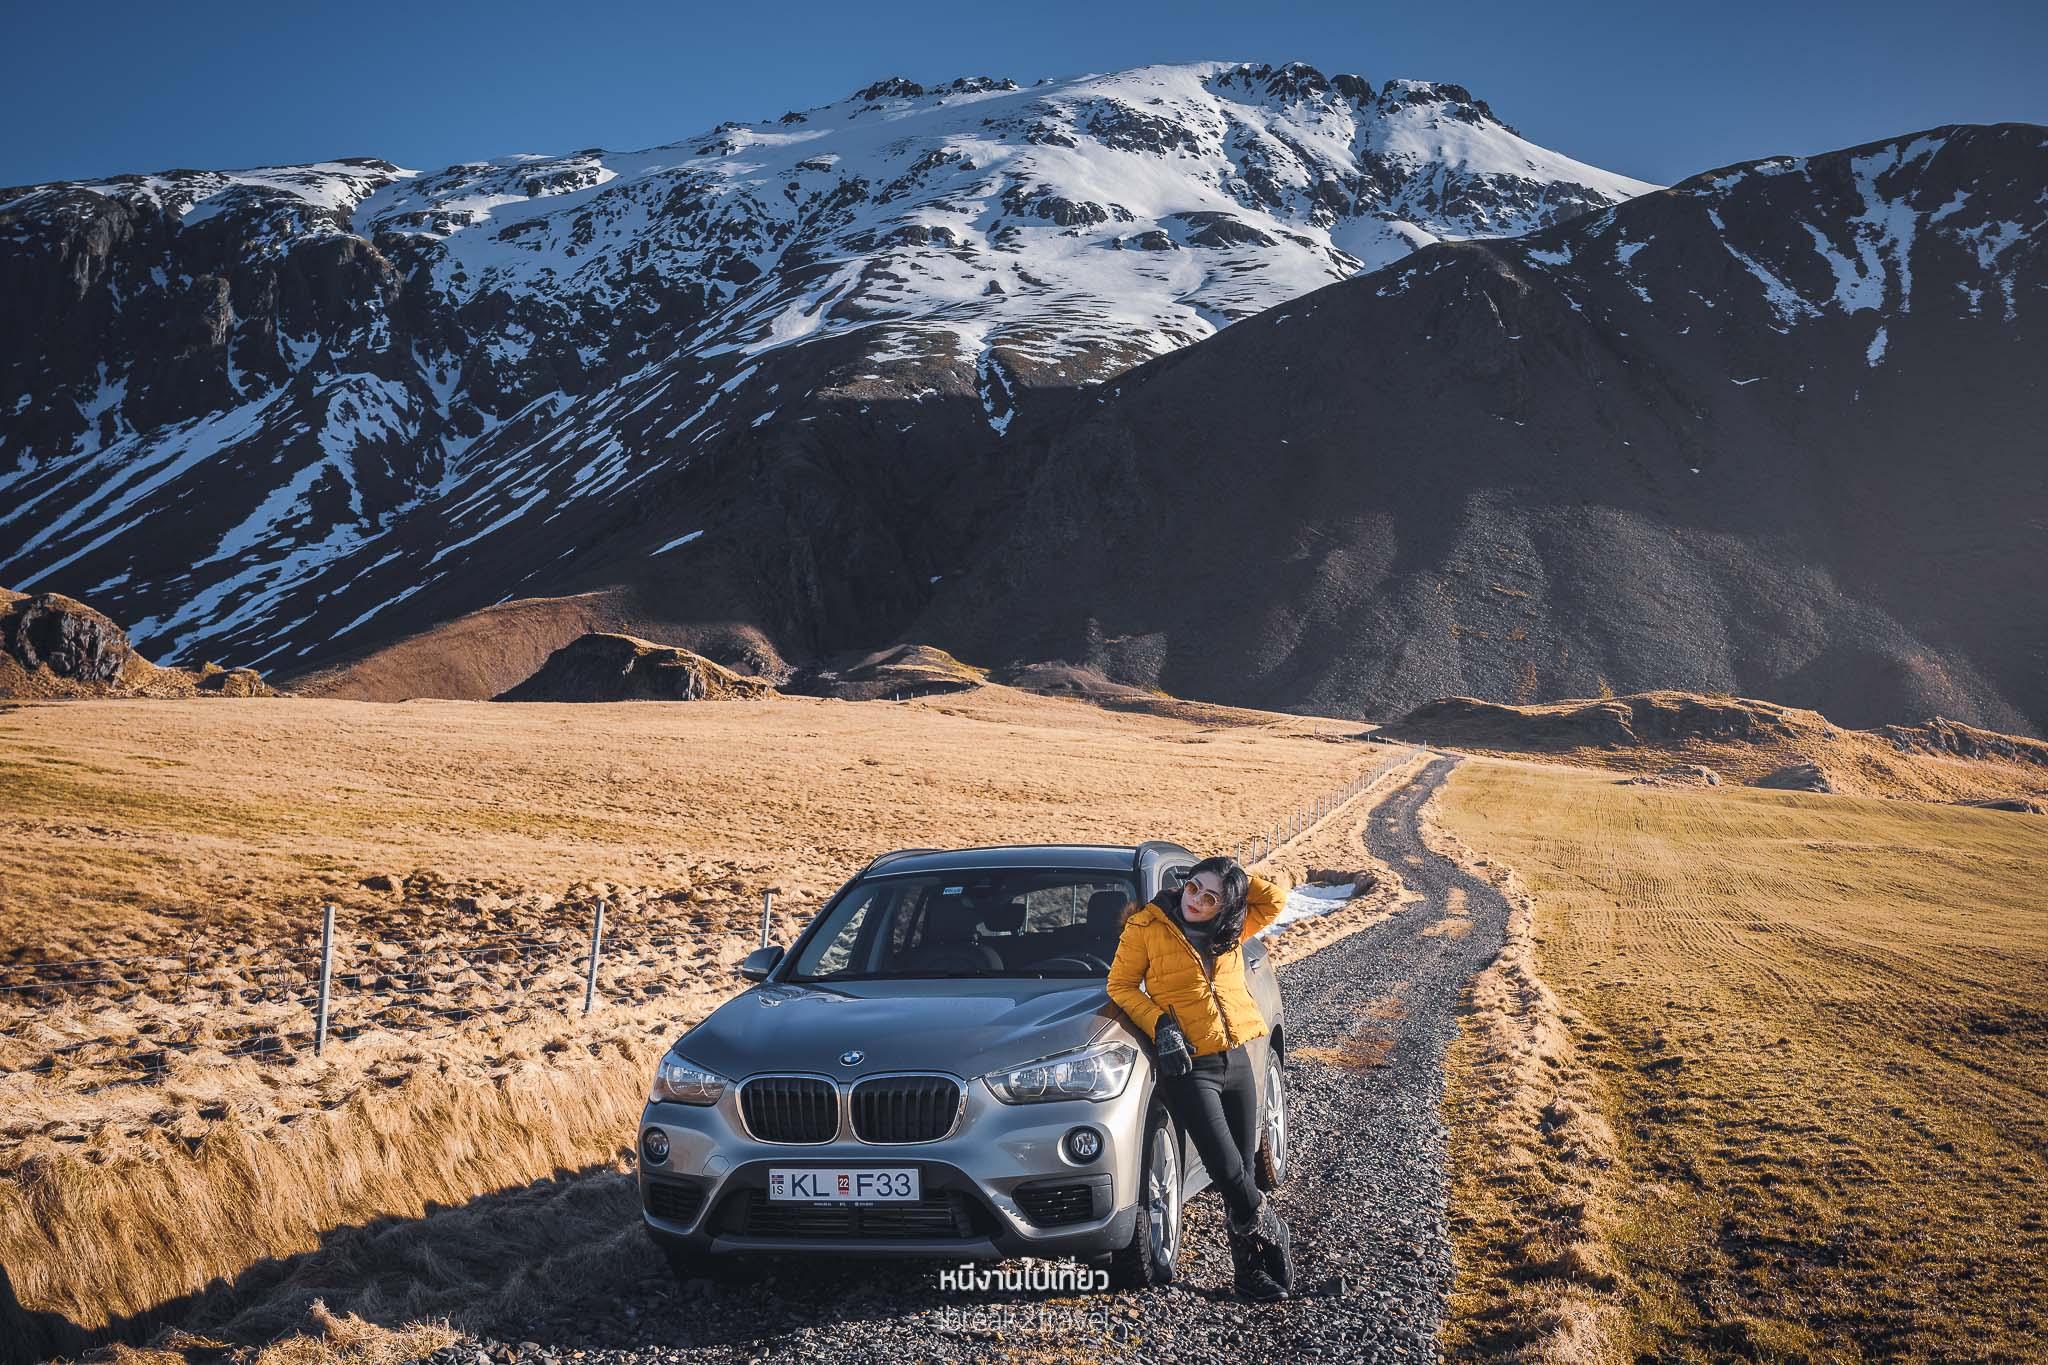 10 ข้อควรรู้ก่อนไปเที่ยวไอซ์แลนด์ - หนีงานไปเที่ยว